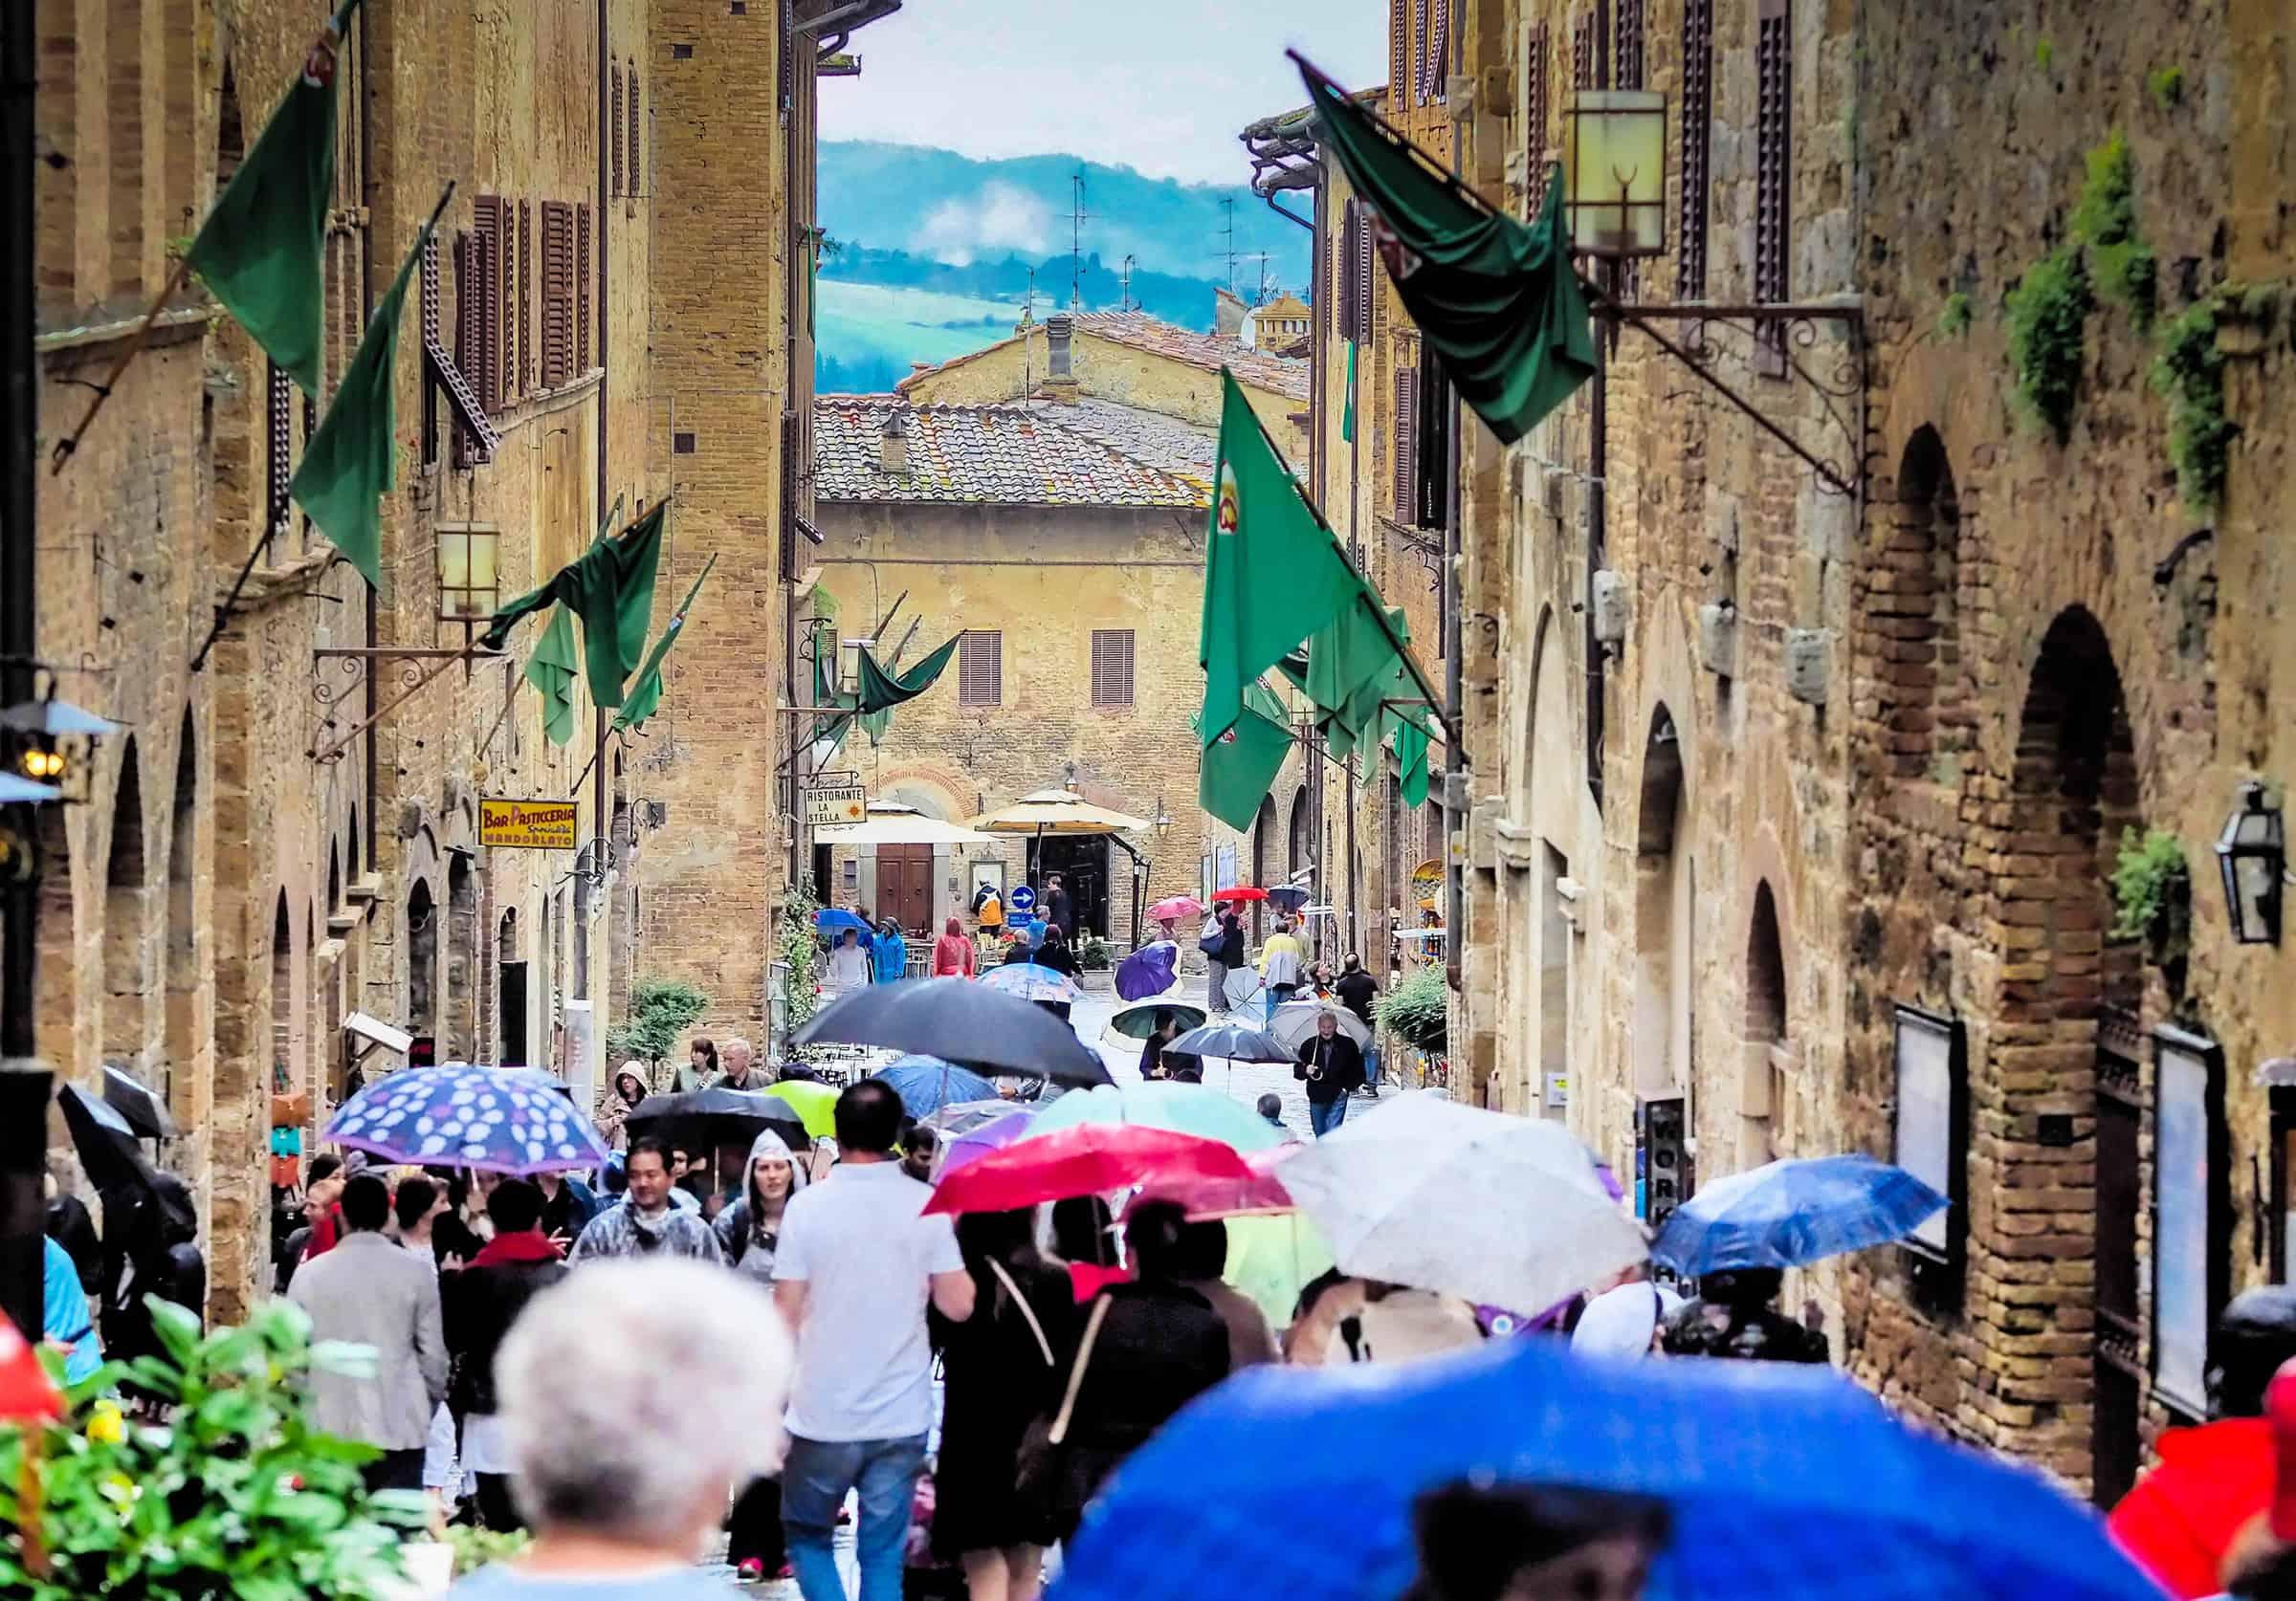 Het toeristische centrum van San Gimignano